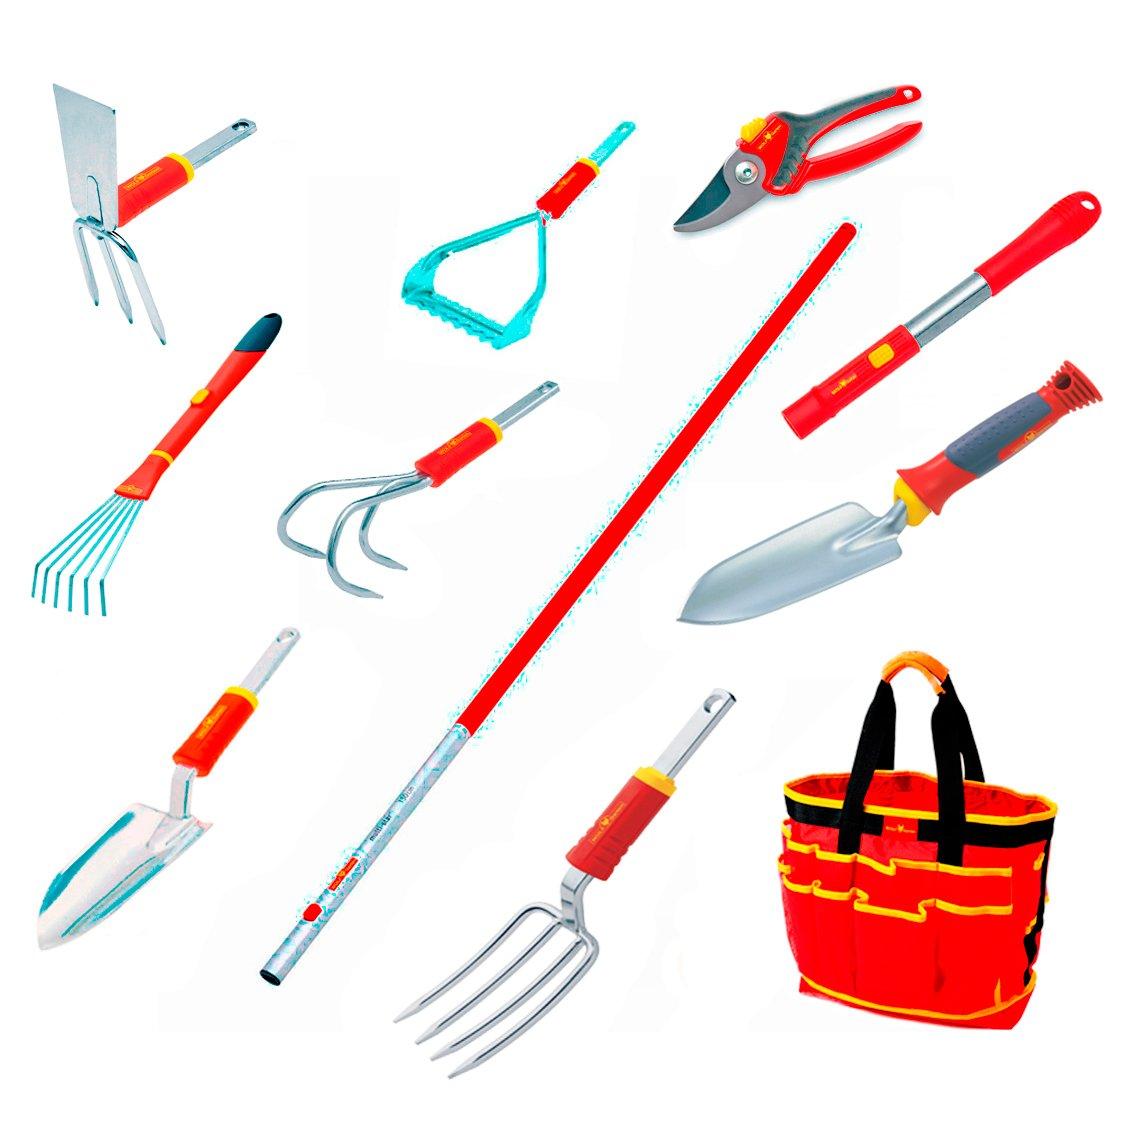 WOLF-Garten Flower Garden Tool Kit - 12 piece tool set - KIT3733790 by Wolf-Garten